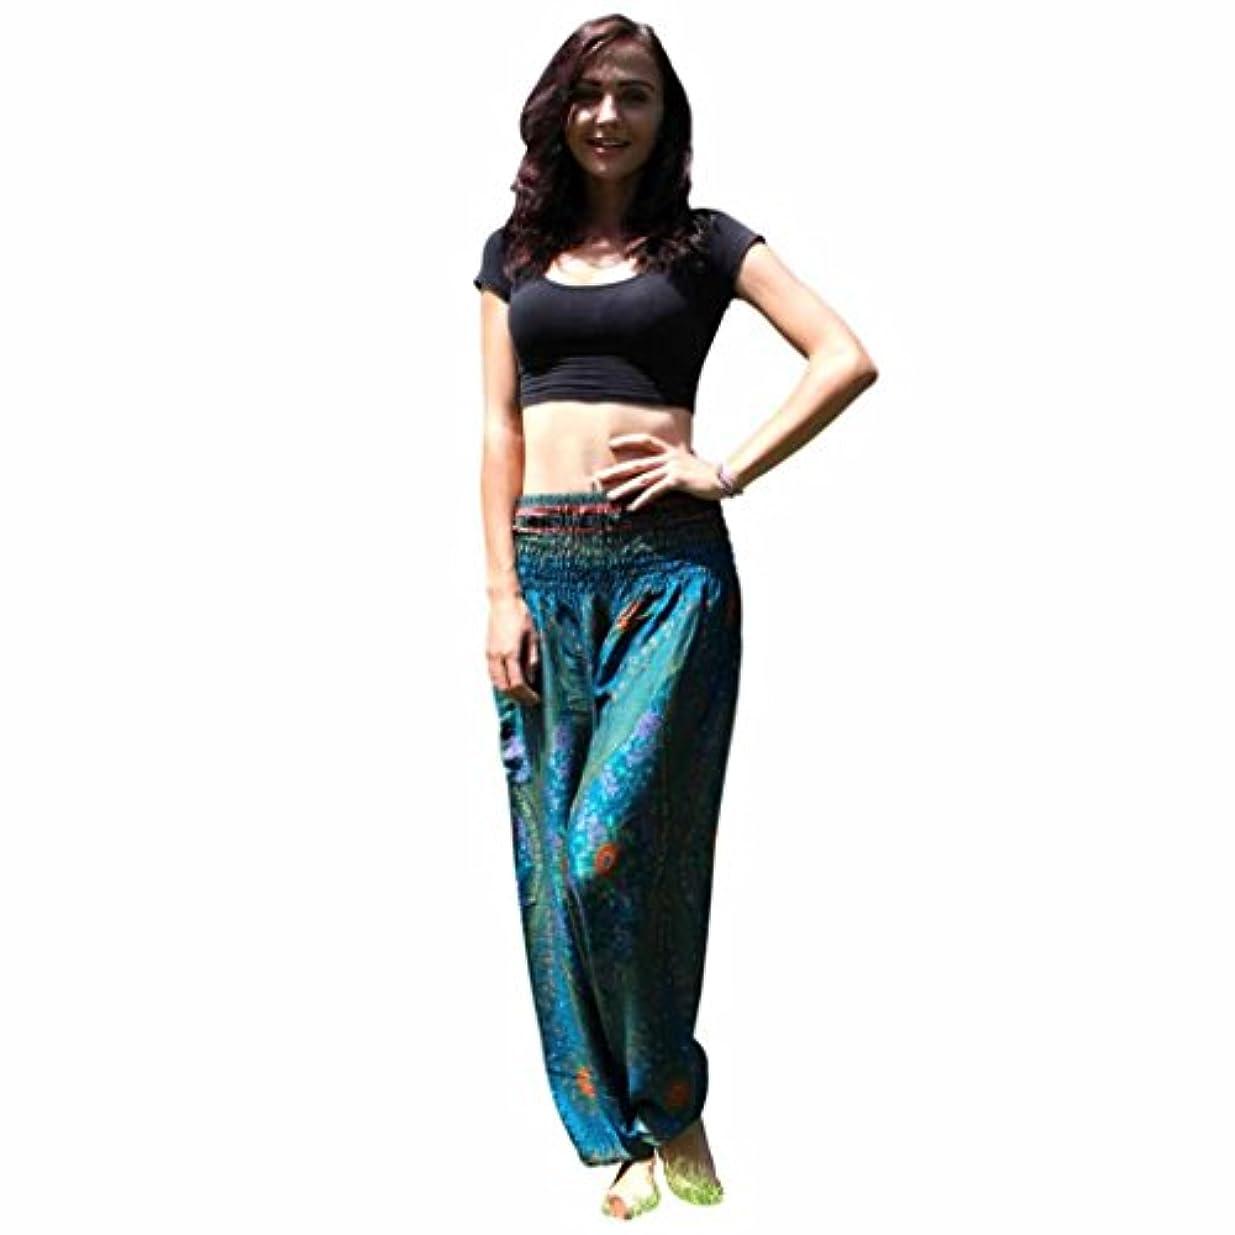 純粋にスタック捧げるMhomzawa パンツ男性女性タイのハレムのズボンフェスティバルヒッピーのスモックハイウエストのパンツのタイハーレムヨガ?パンツ